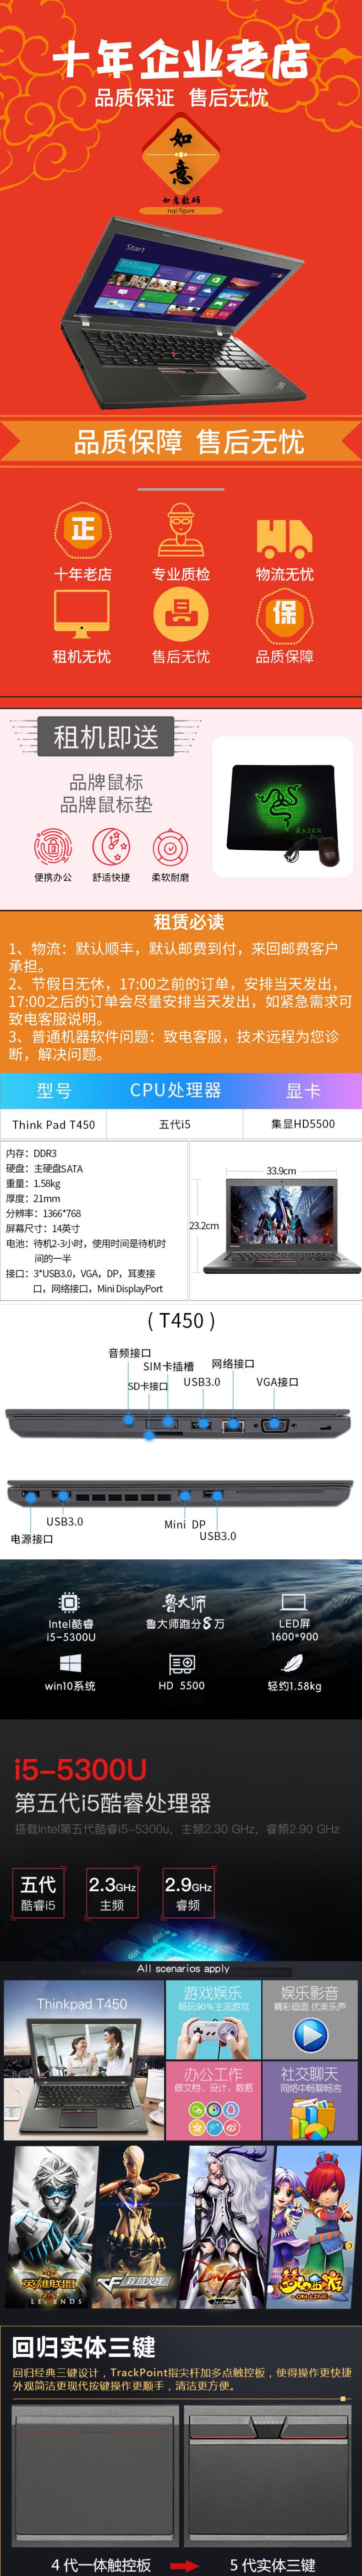 T450_副本.jpg